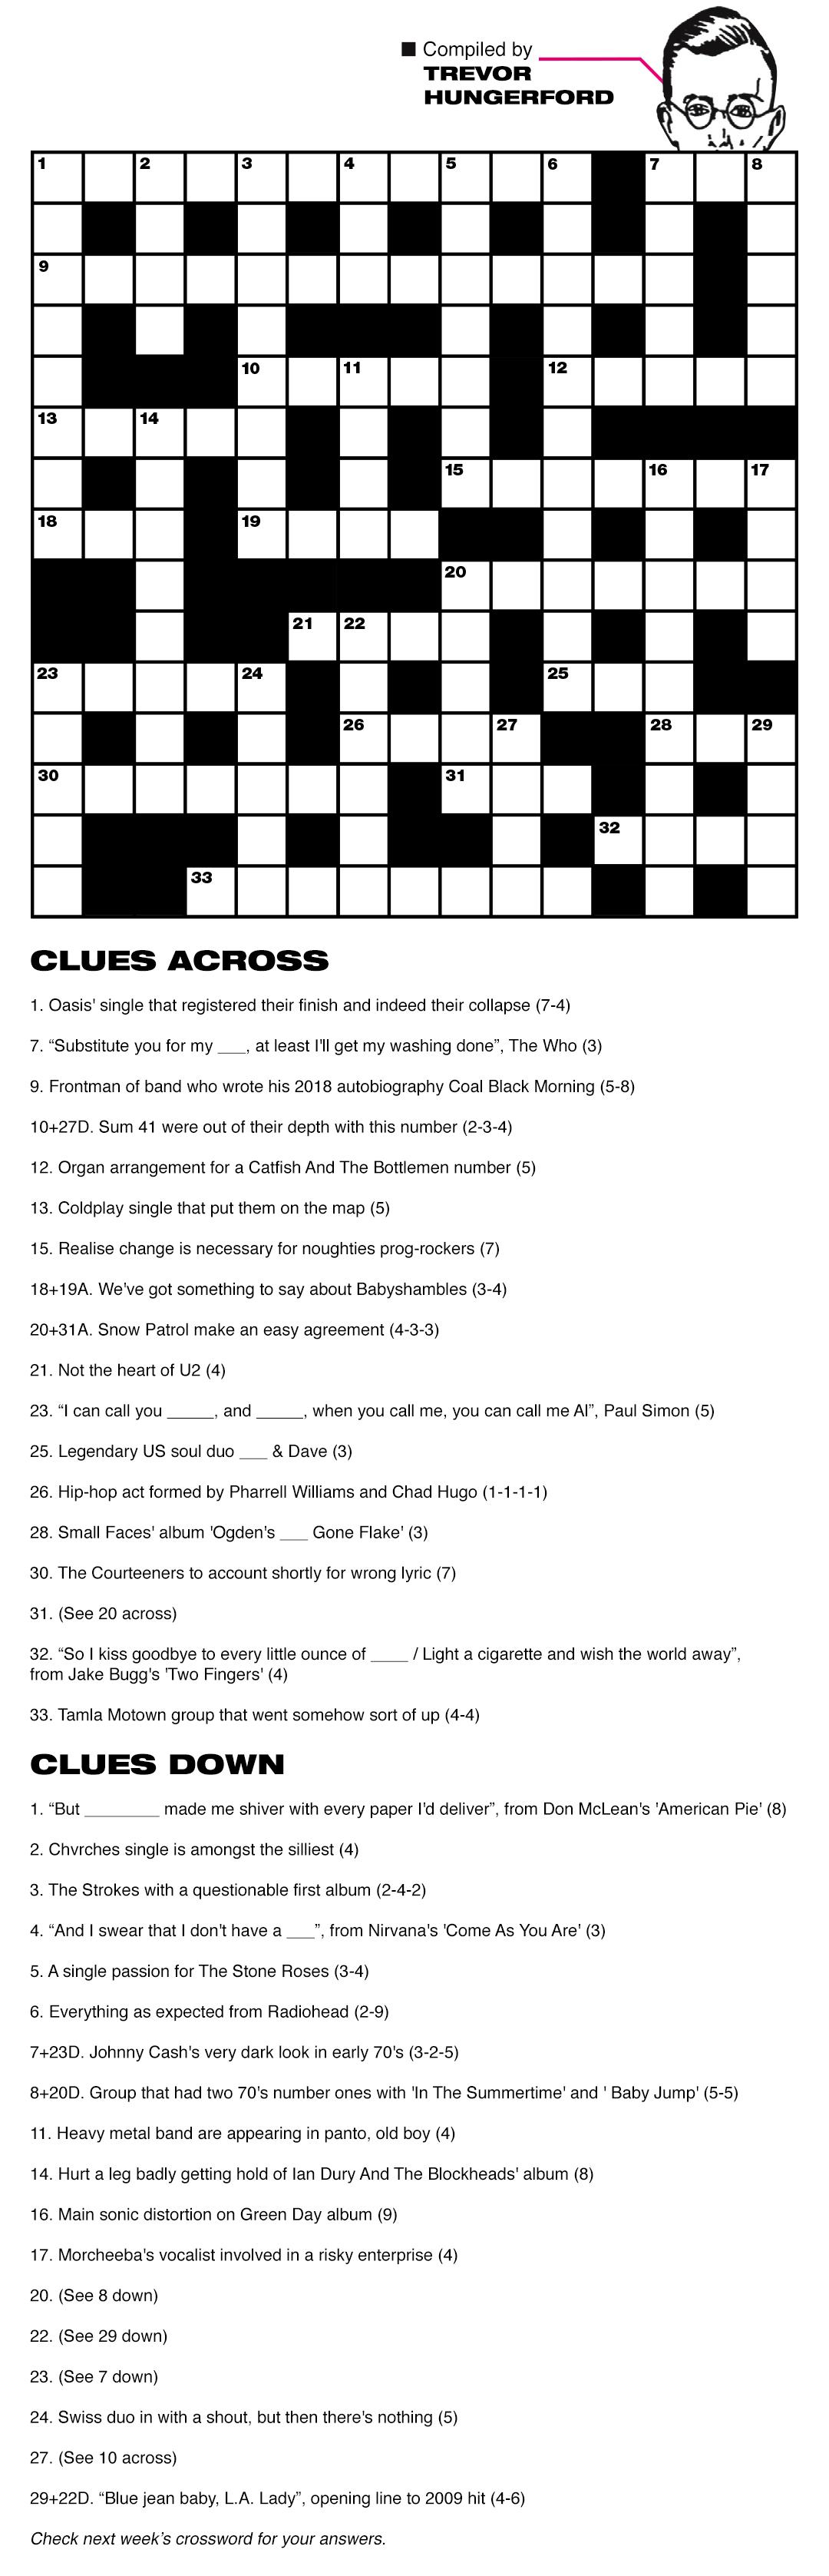 NME crossword week 13